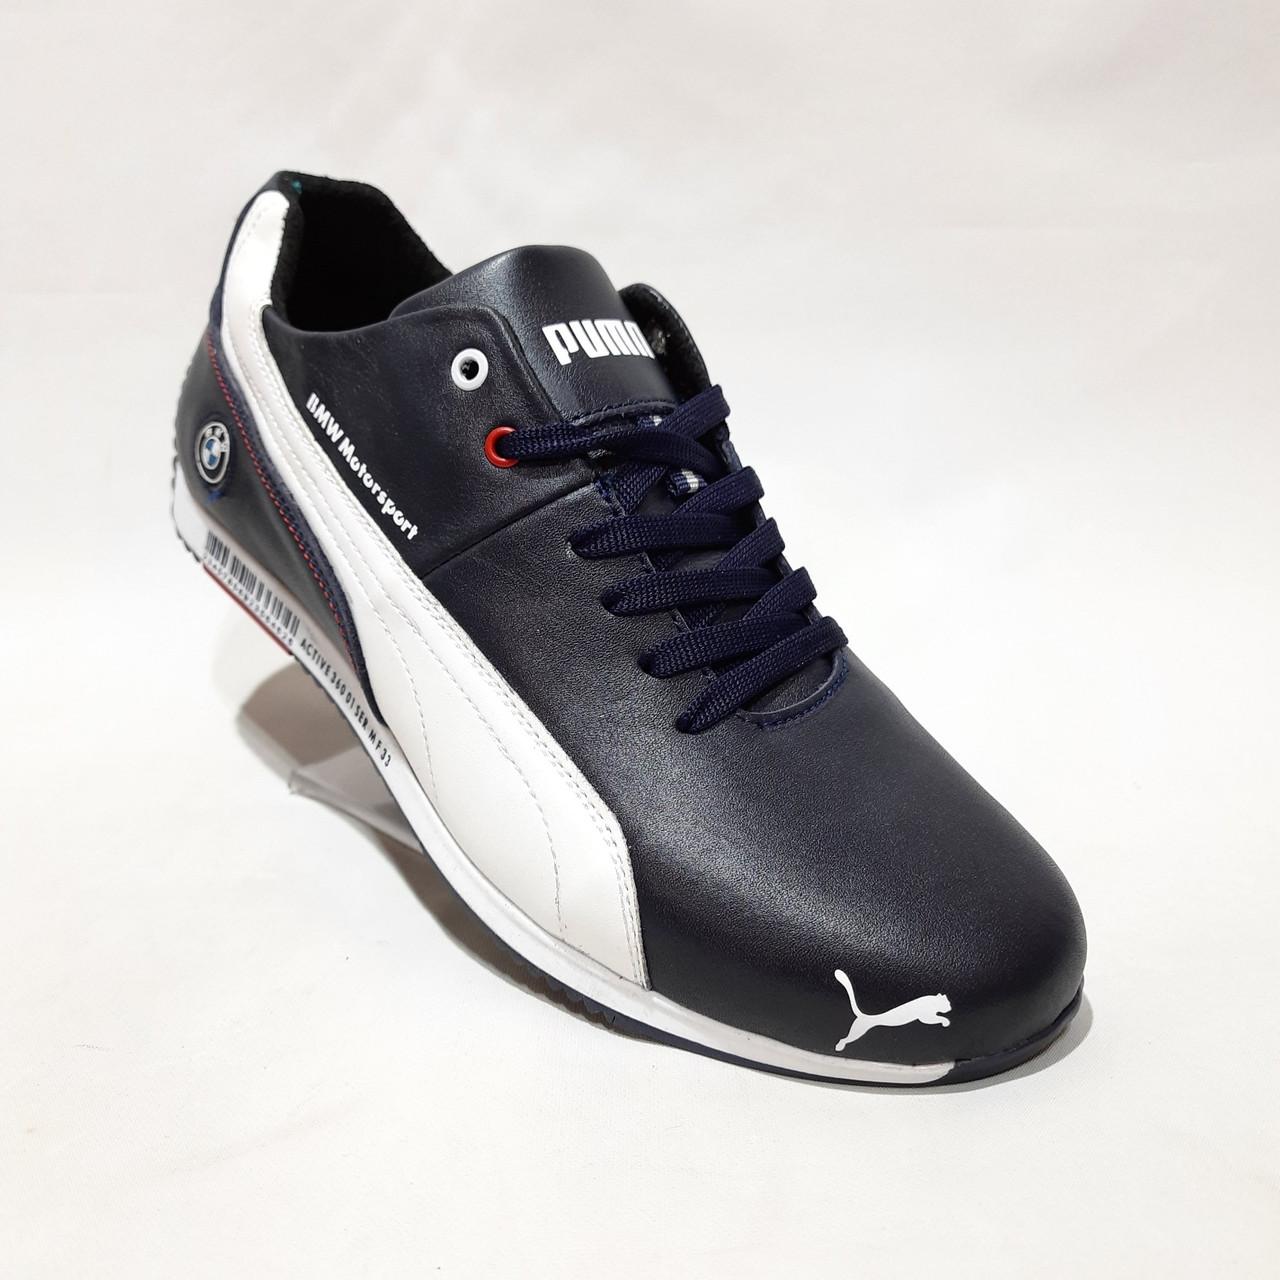 42,43,45 р Чоловічі кросівки весняні шкіряні, Puma BMV Motorsport (репліка)